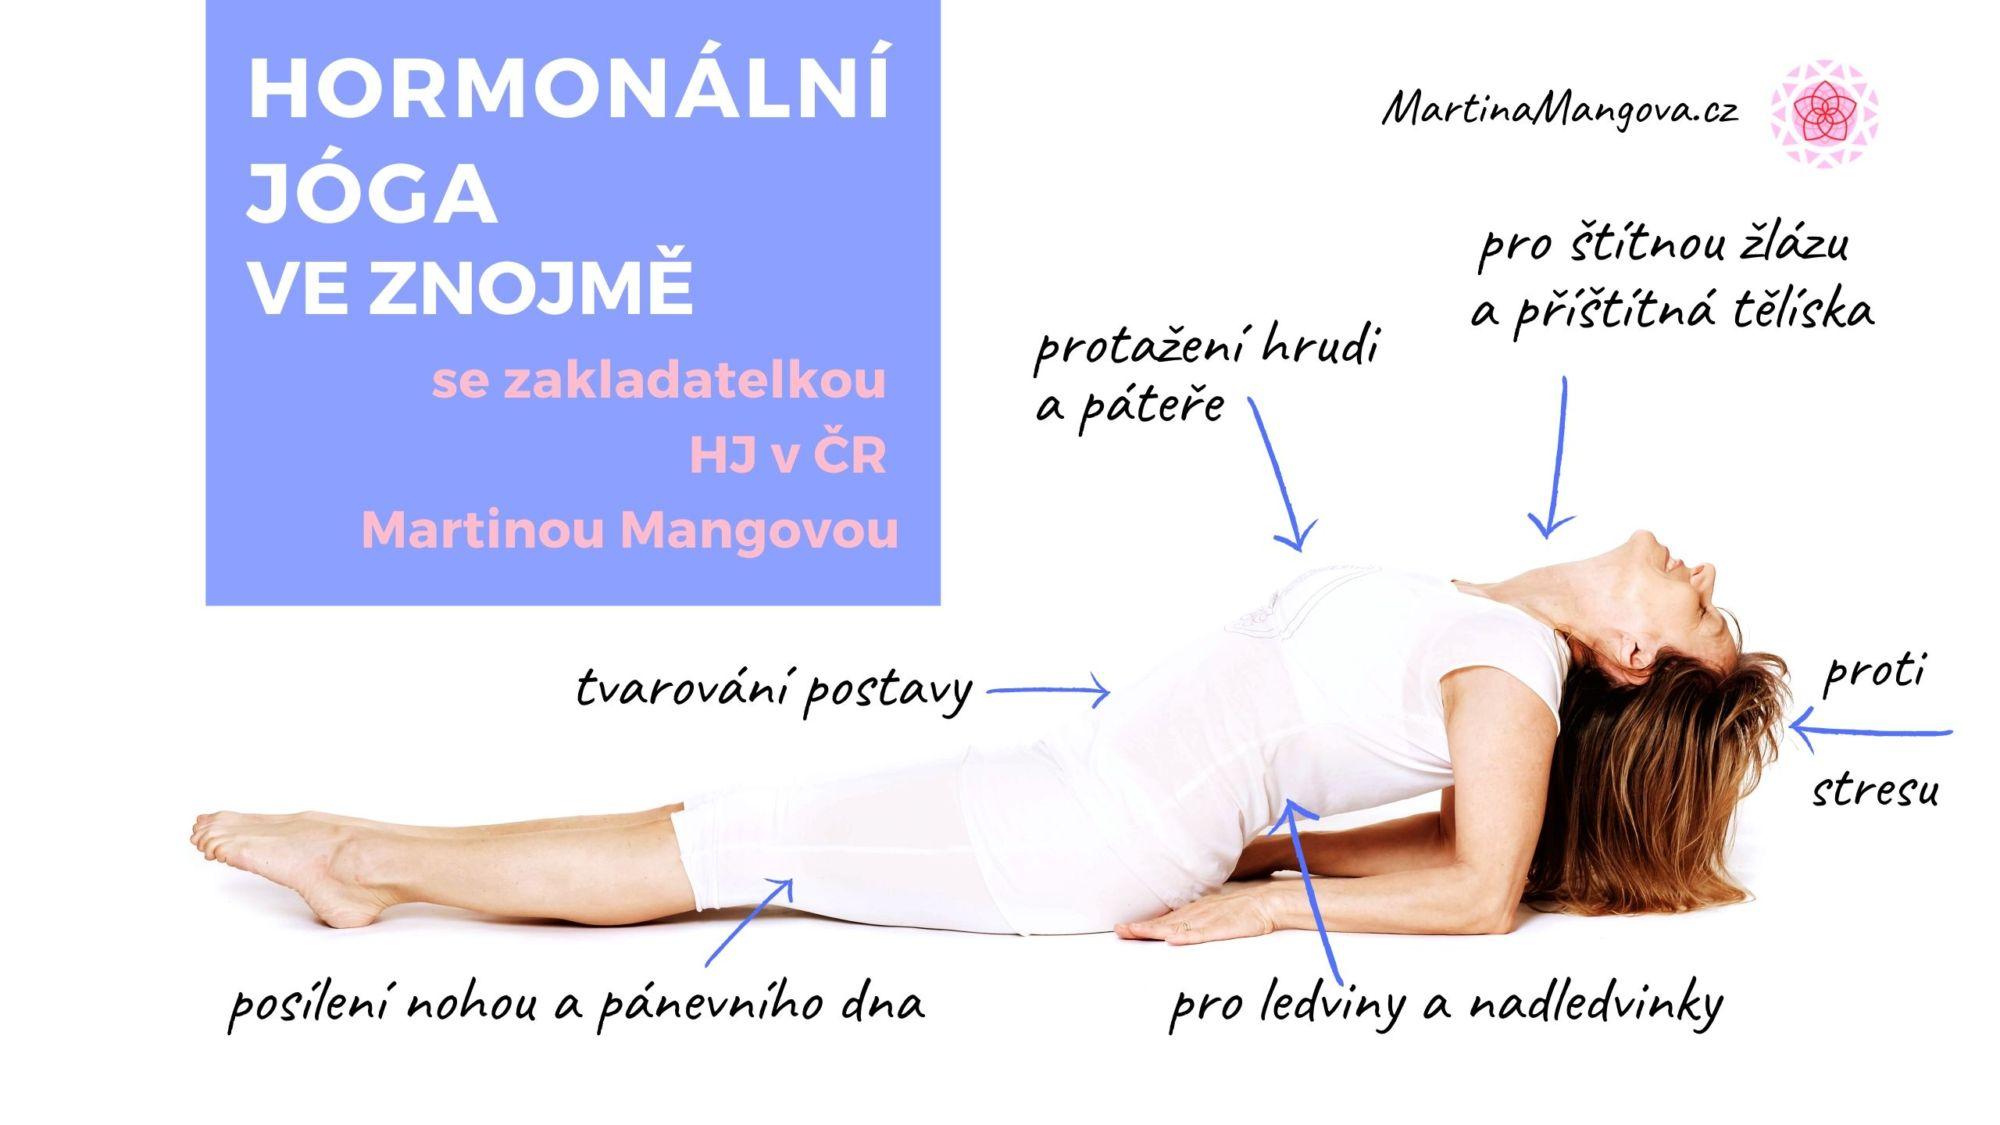 Vylaďte se Hormonální jógou Metoda MM 4týdenní Znojmo